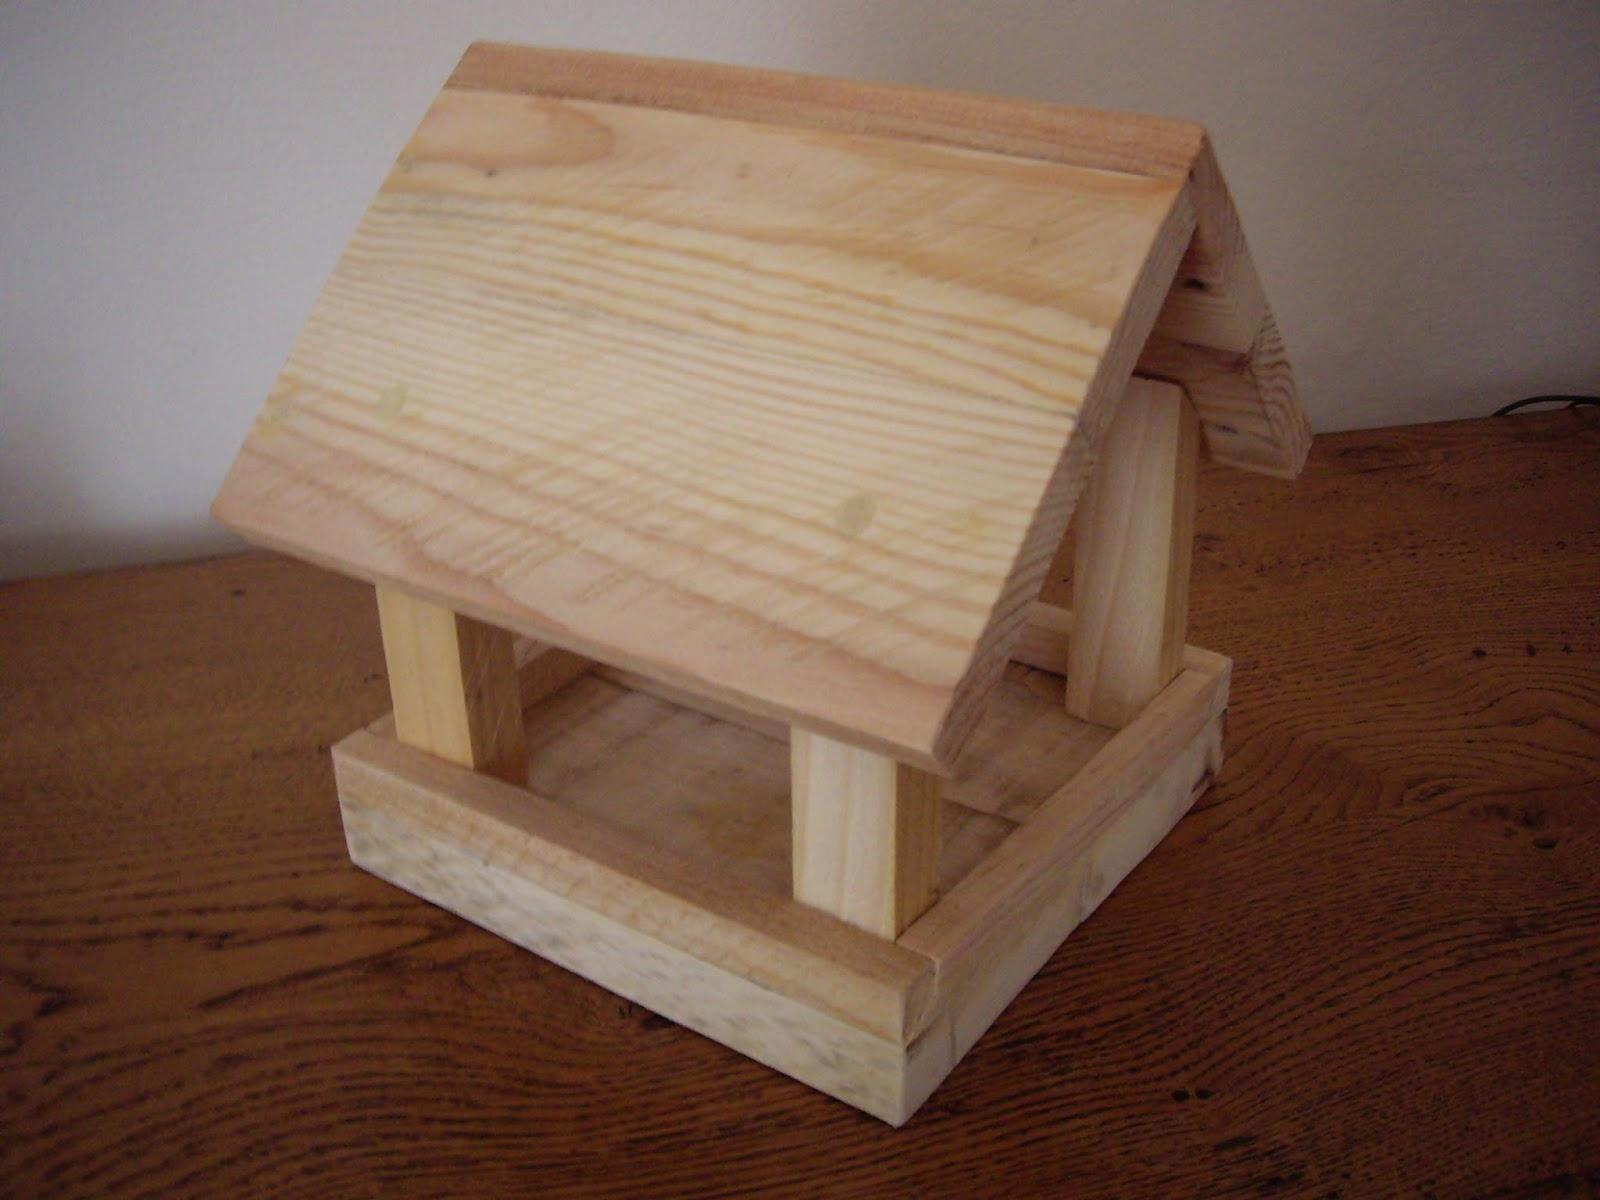 Objets d co tutoriels et meubles en bois de palettes - Petit objet de decoration ...